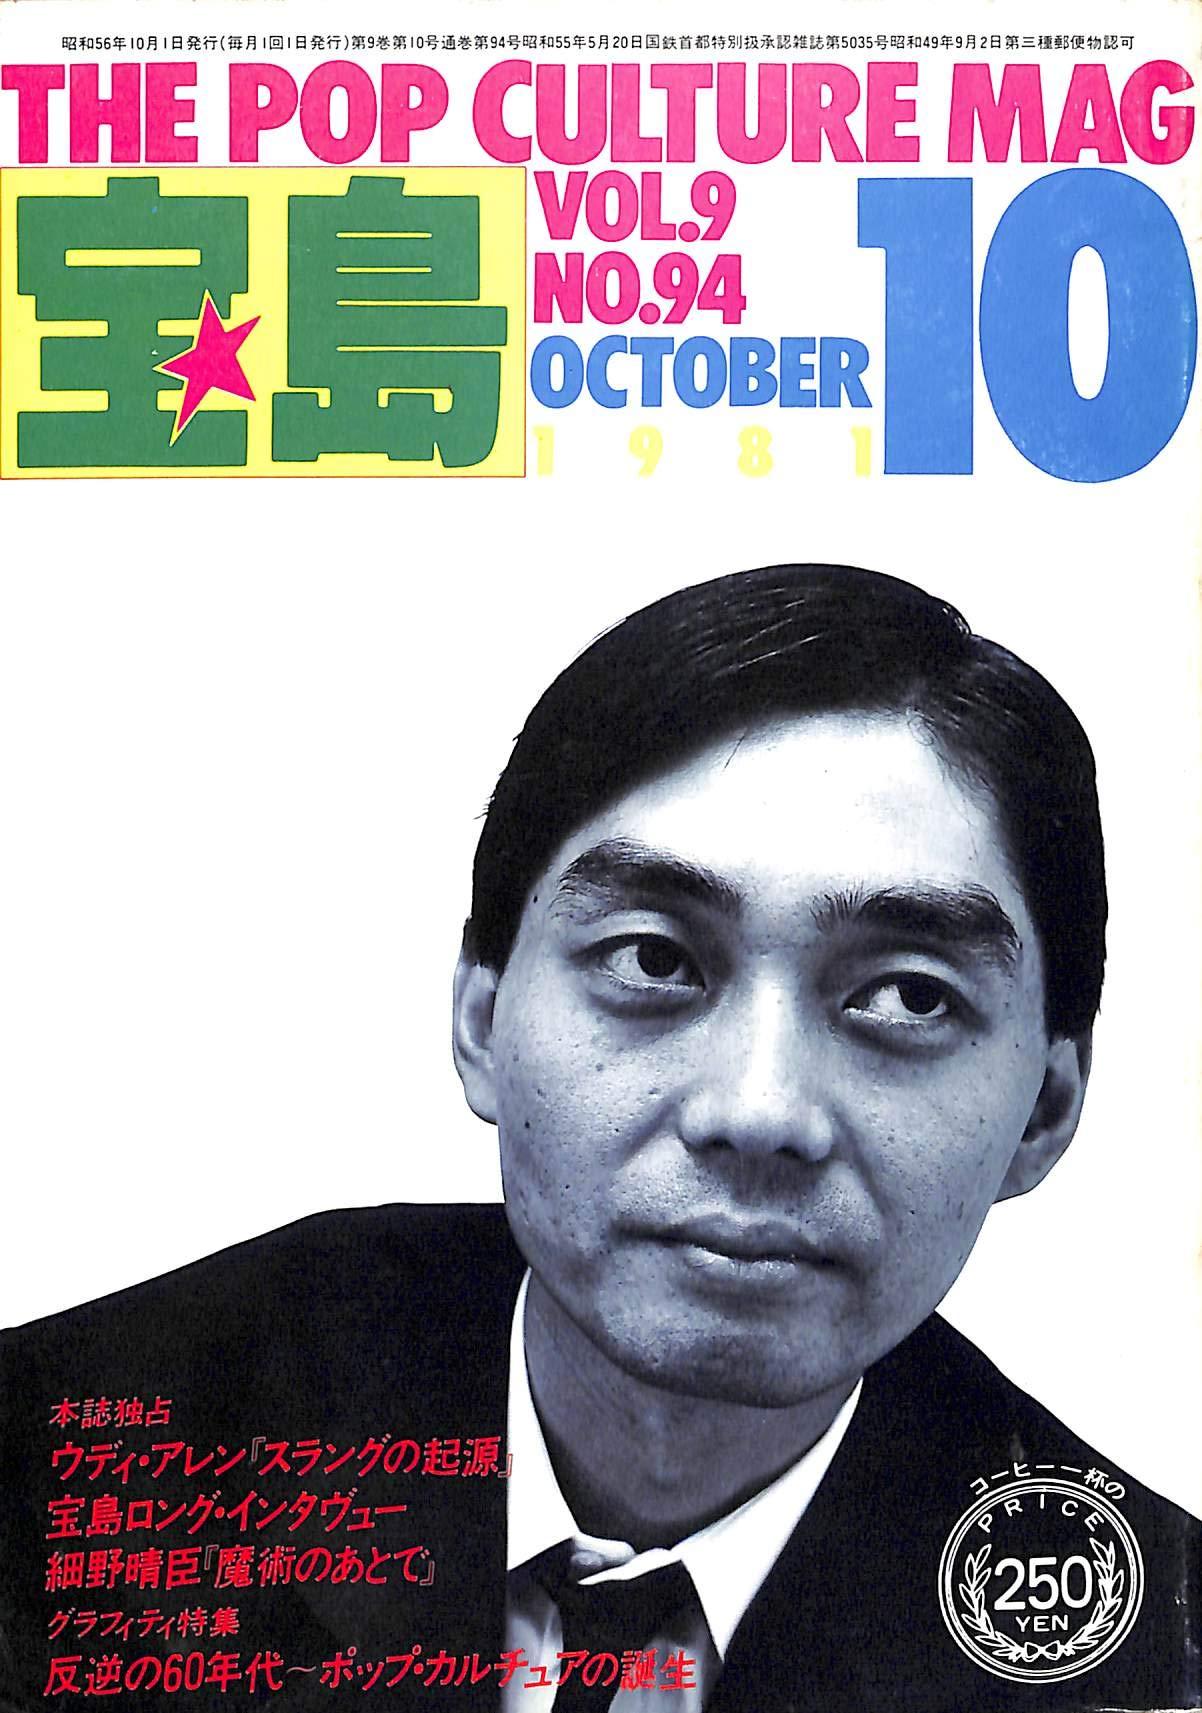 https://images-na.ssl-images-amazon.com/images/I/71iVMYCIENL.jpg